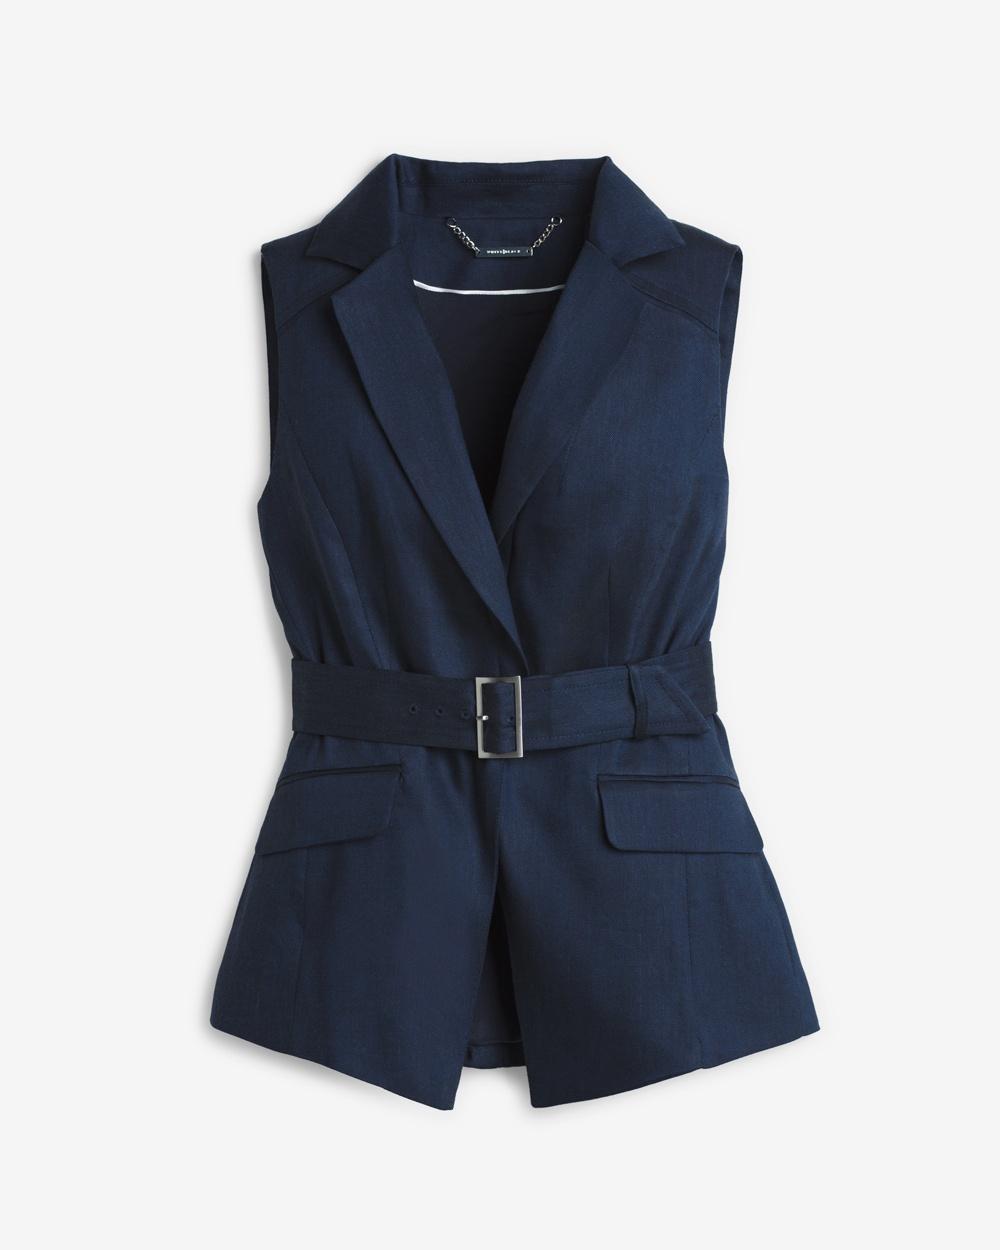 White House Black Market Linen Vest, $39.98 (FINAL SALE, size 14 available)